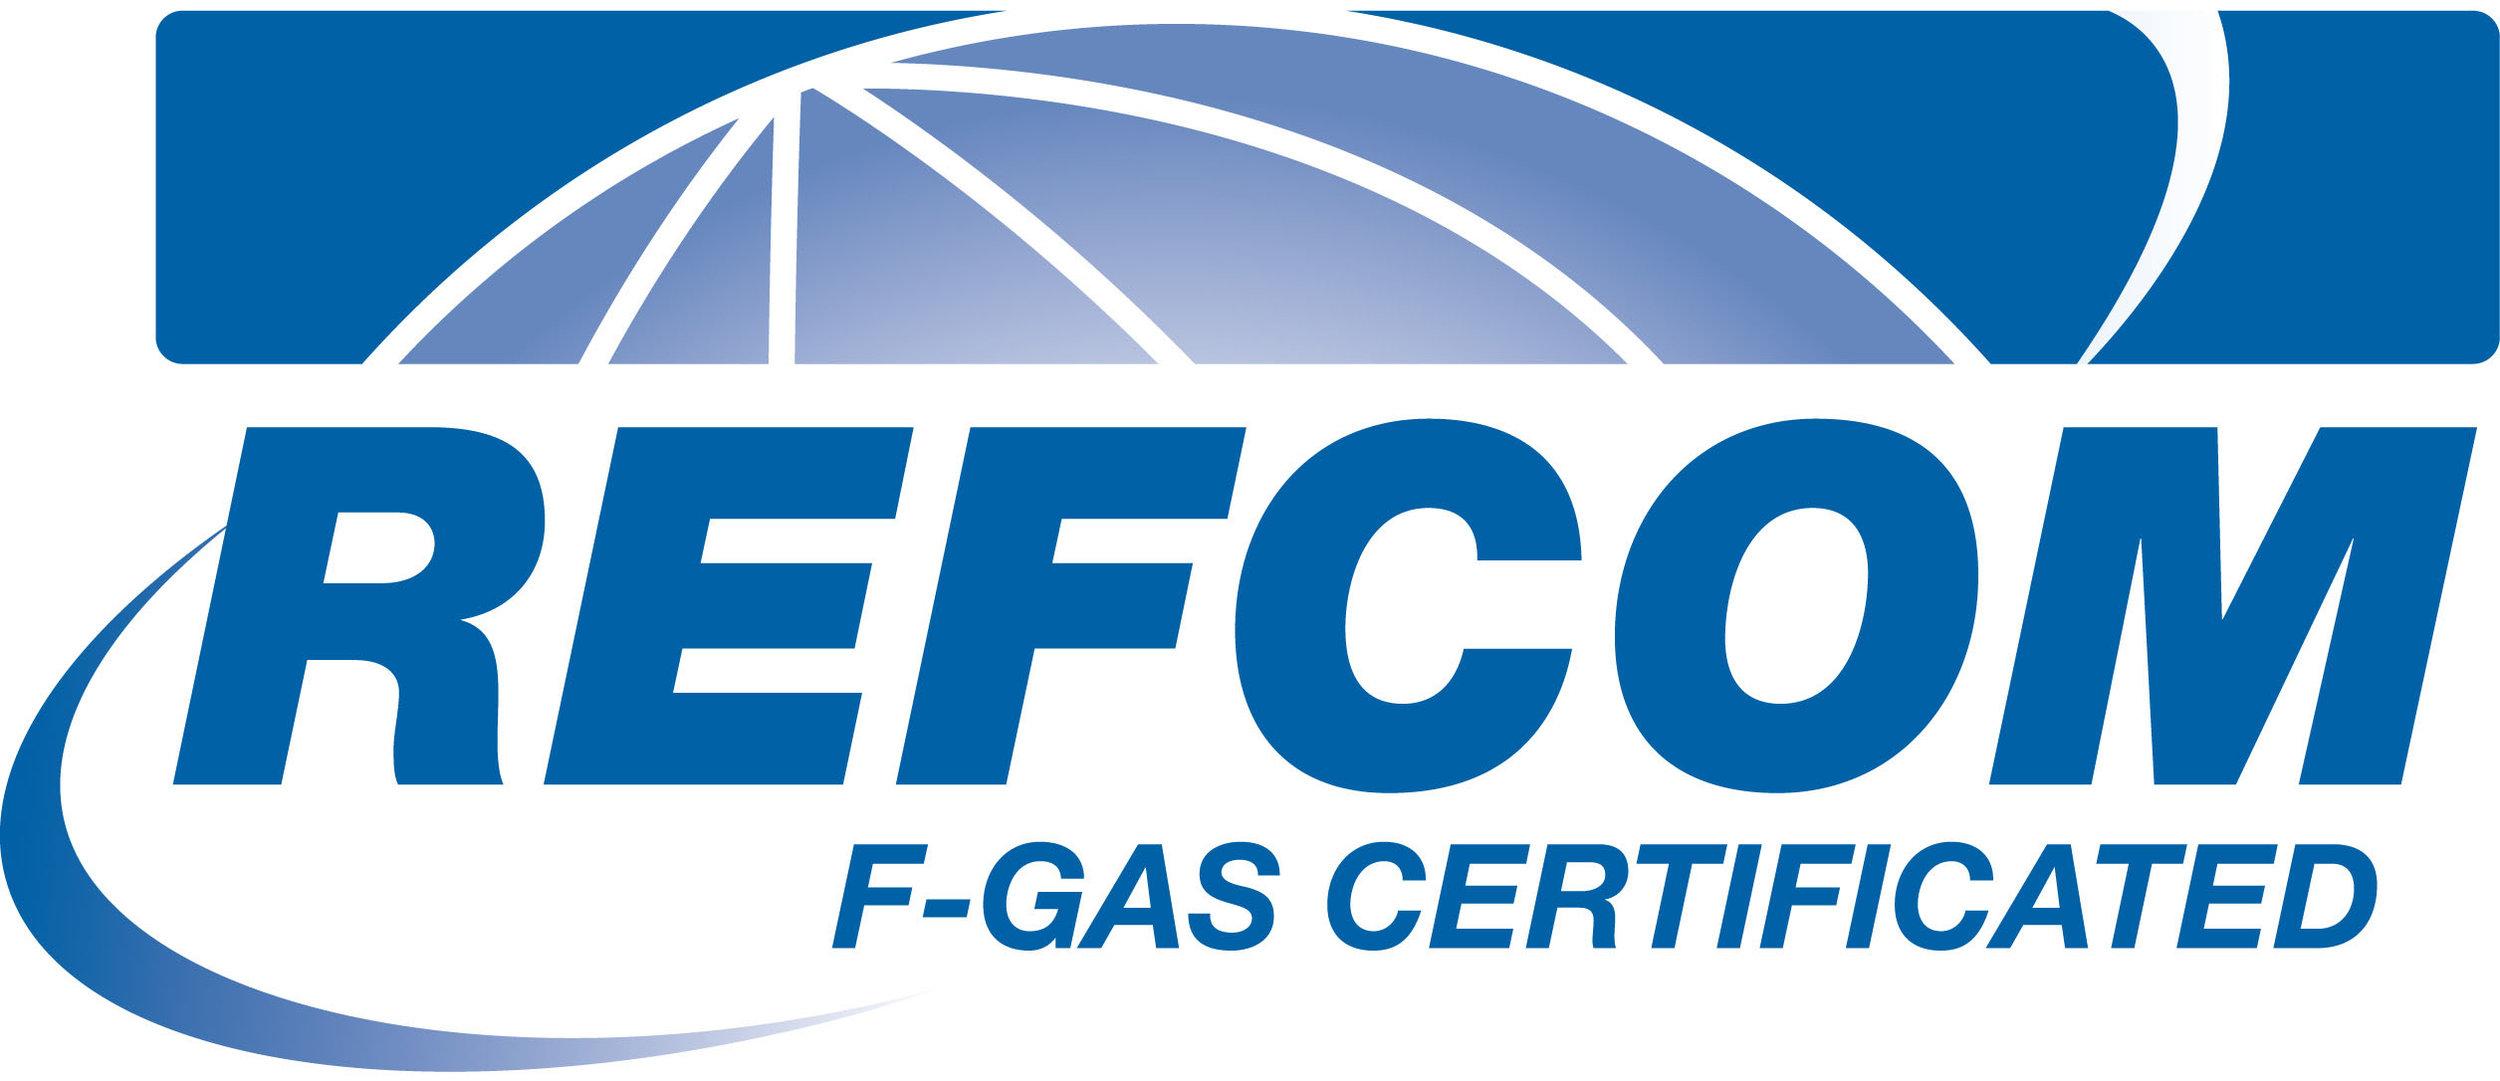 REFCOM F-GAS CERTIFIED